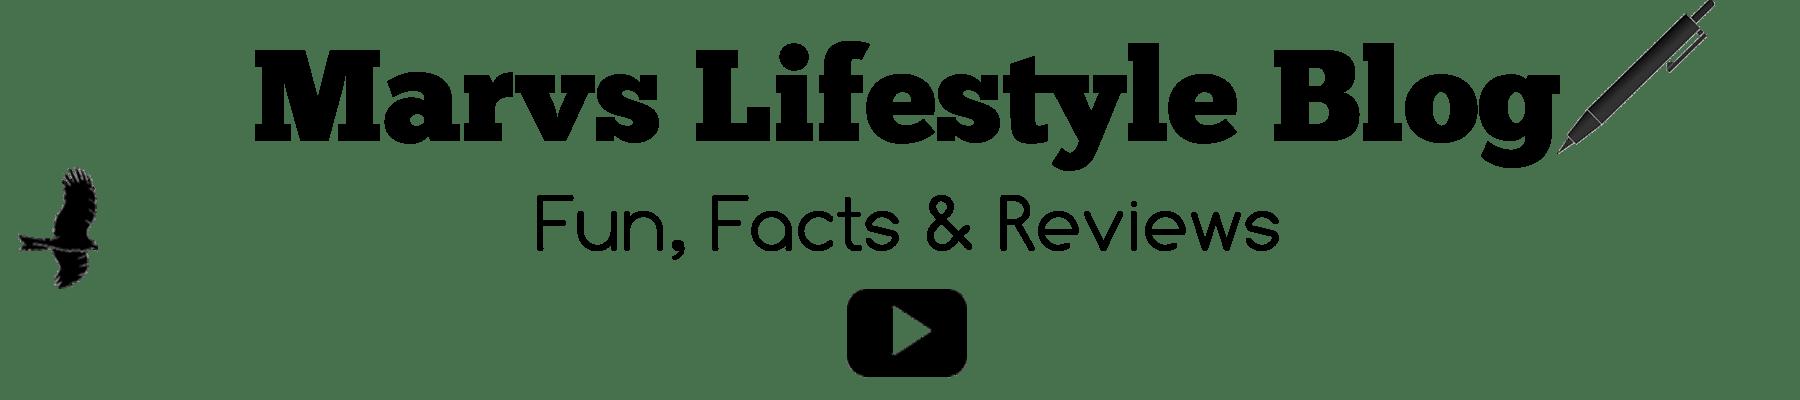 Marvs Lifestyle Blog Logo